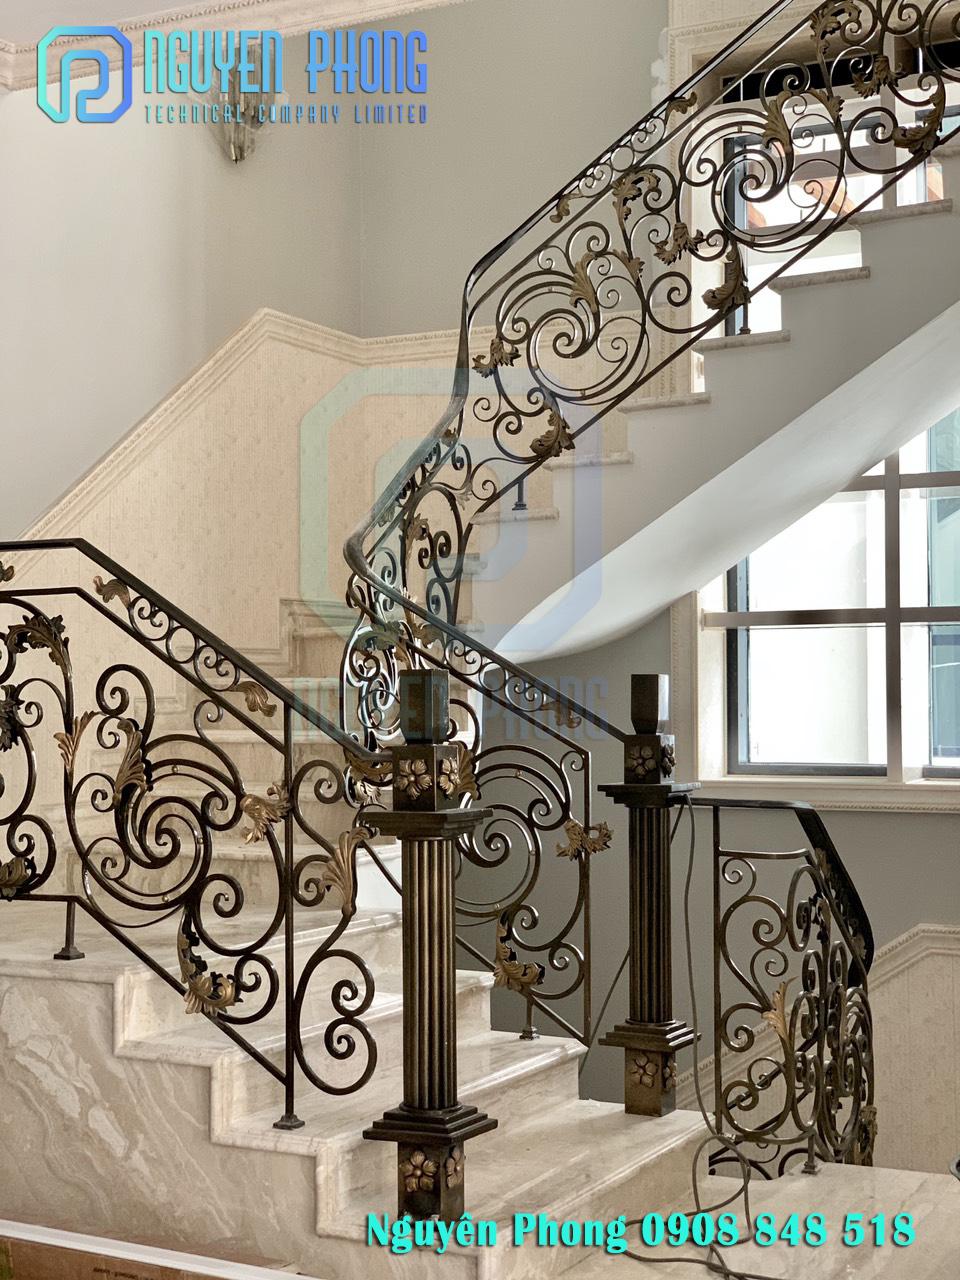 Thiết kế, gia công, thi công hoàn thiện cầu thang sắt nghệ thuật